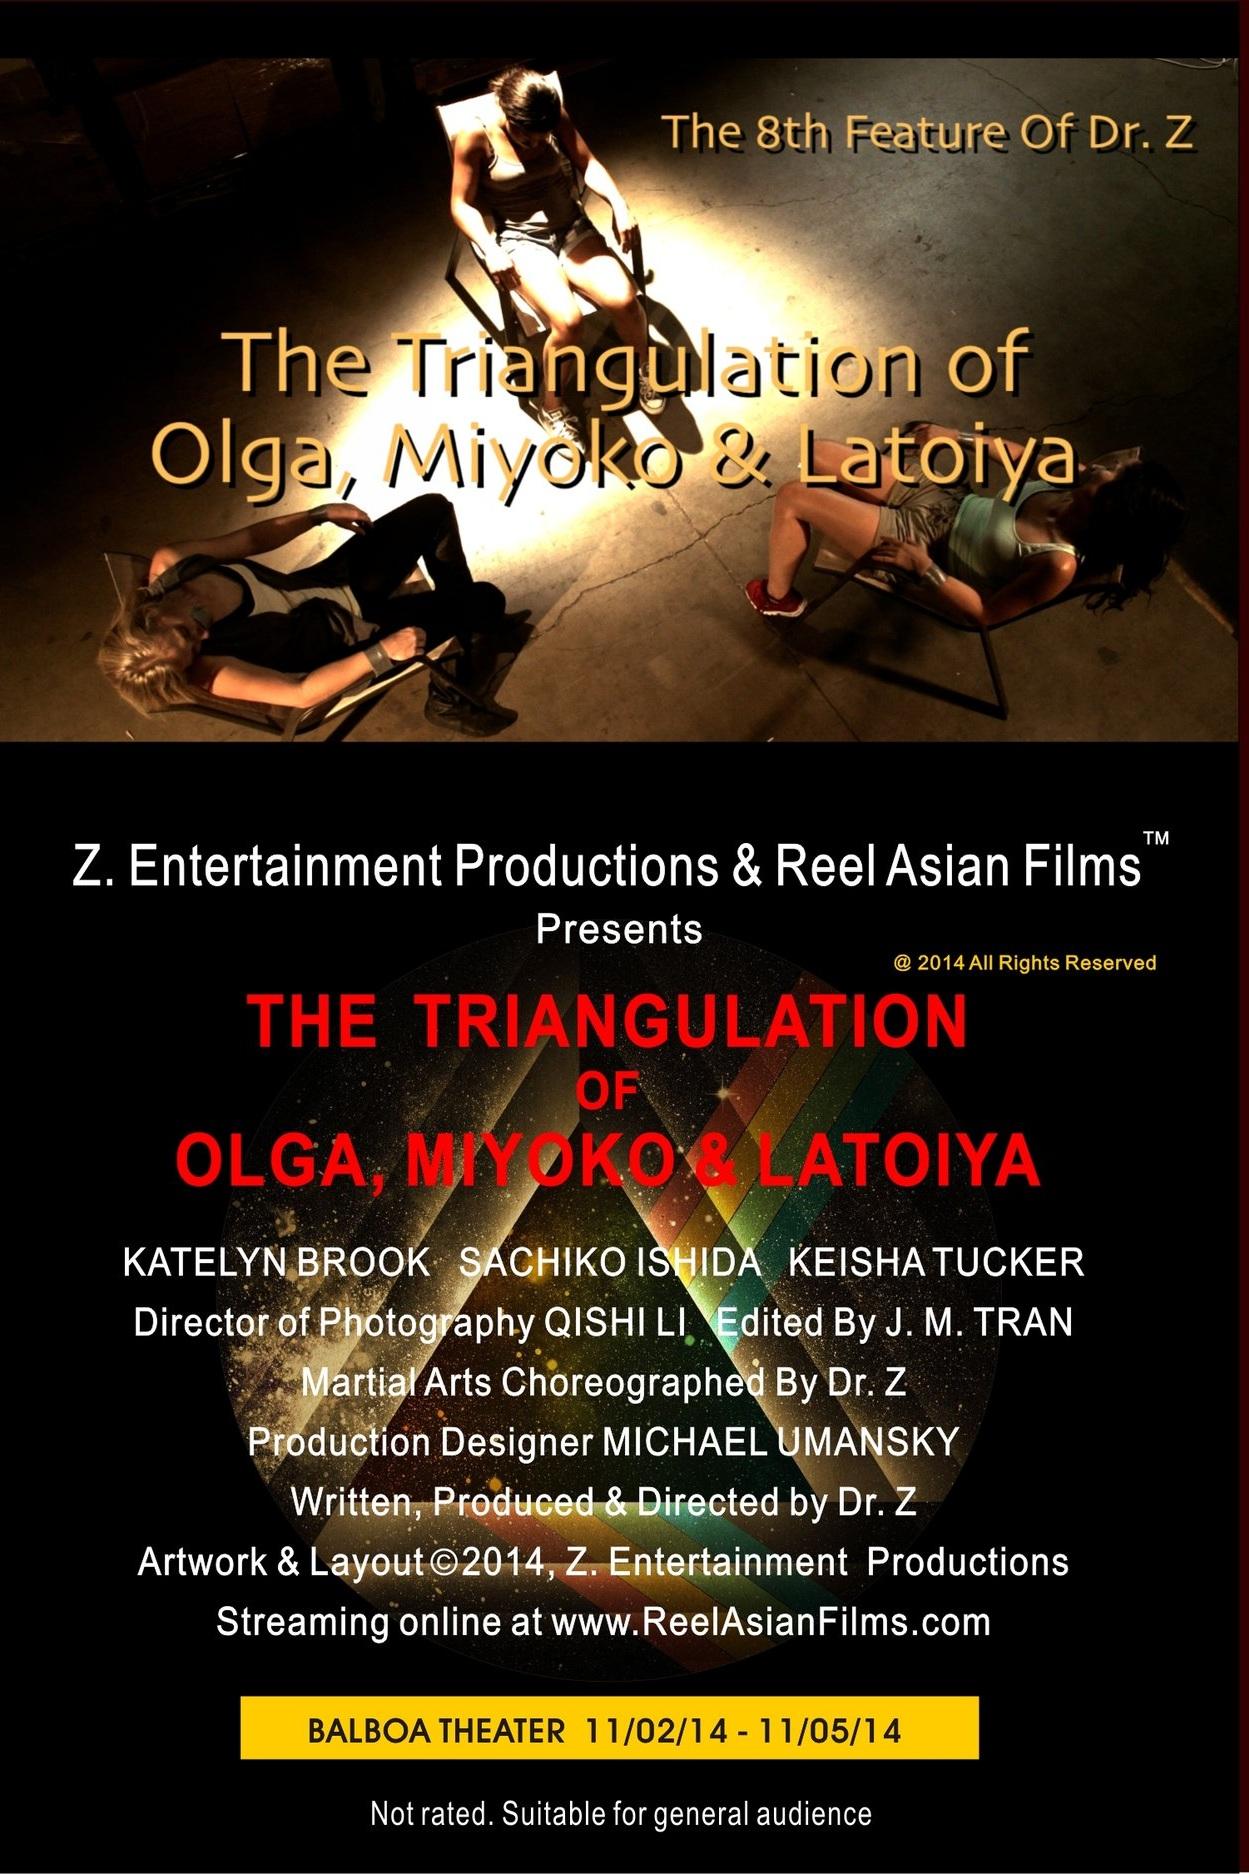 The Triangulaton of Miyoko, Olga & Lotoiya